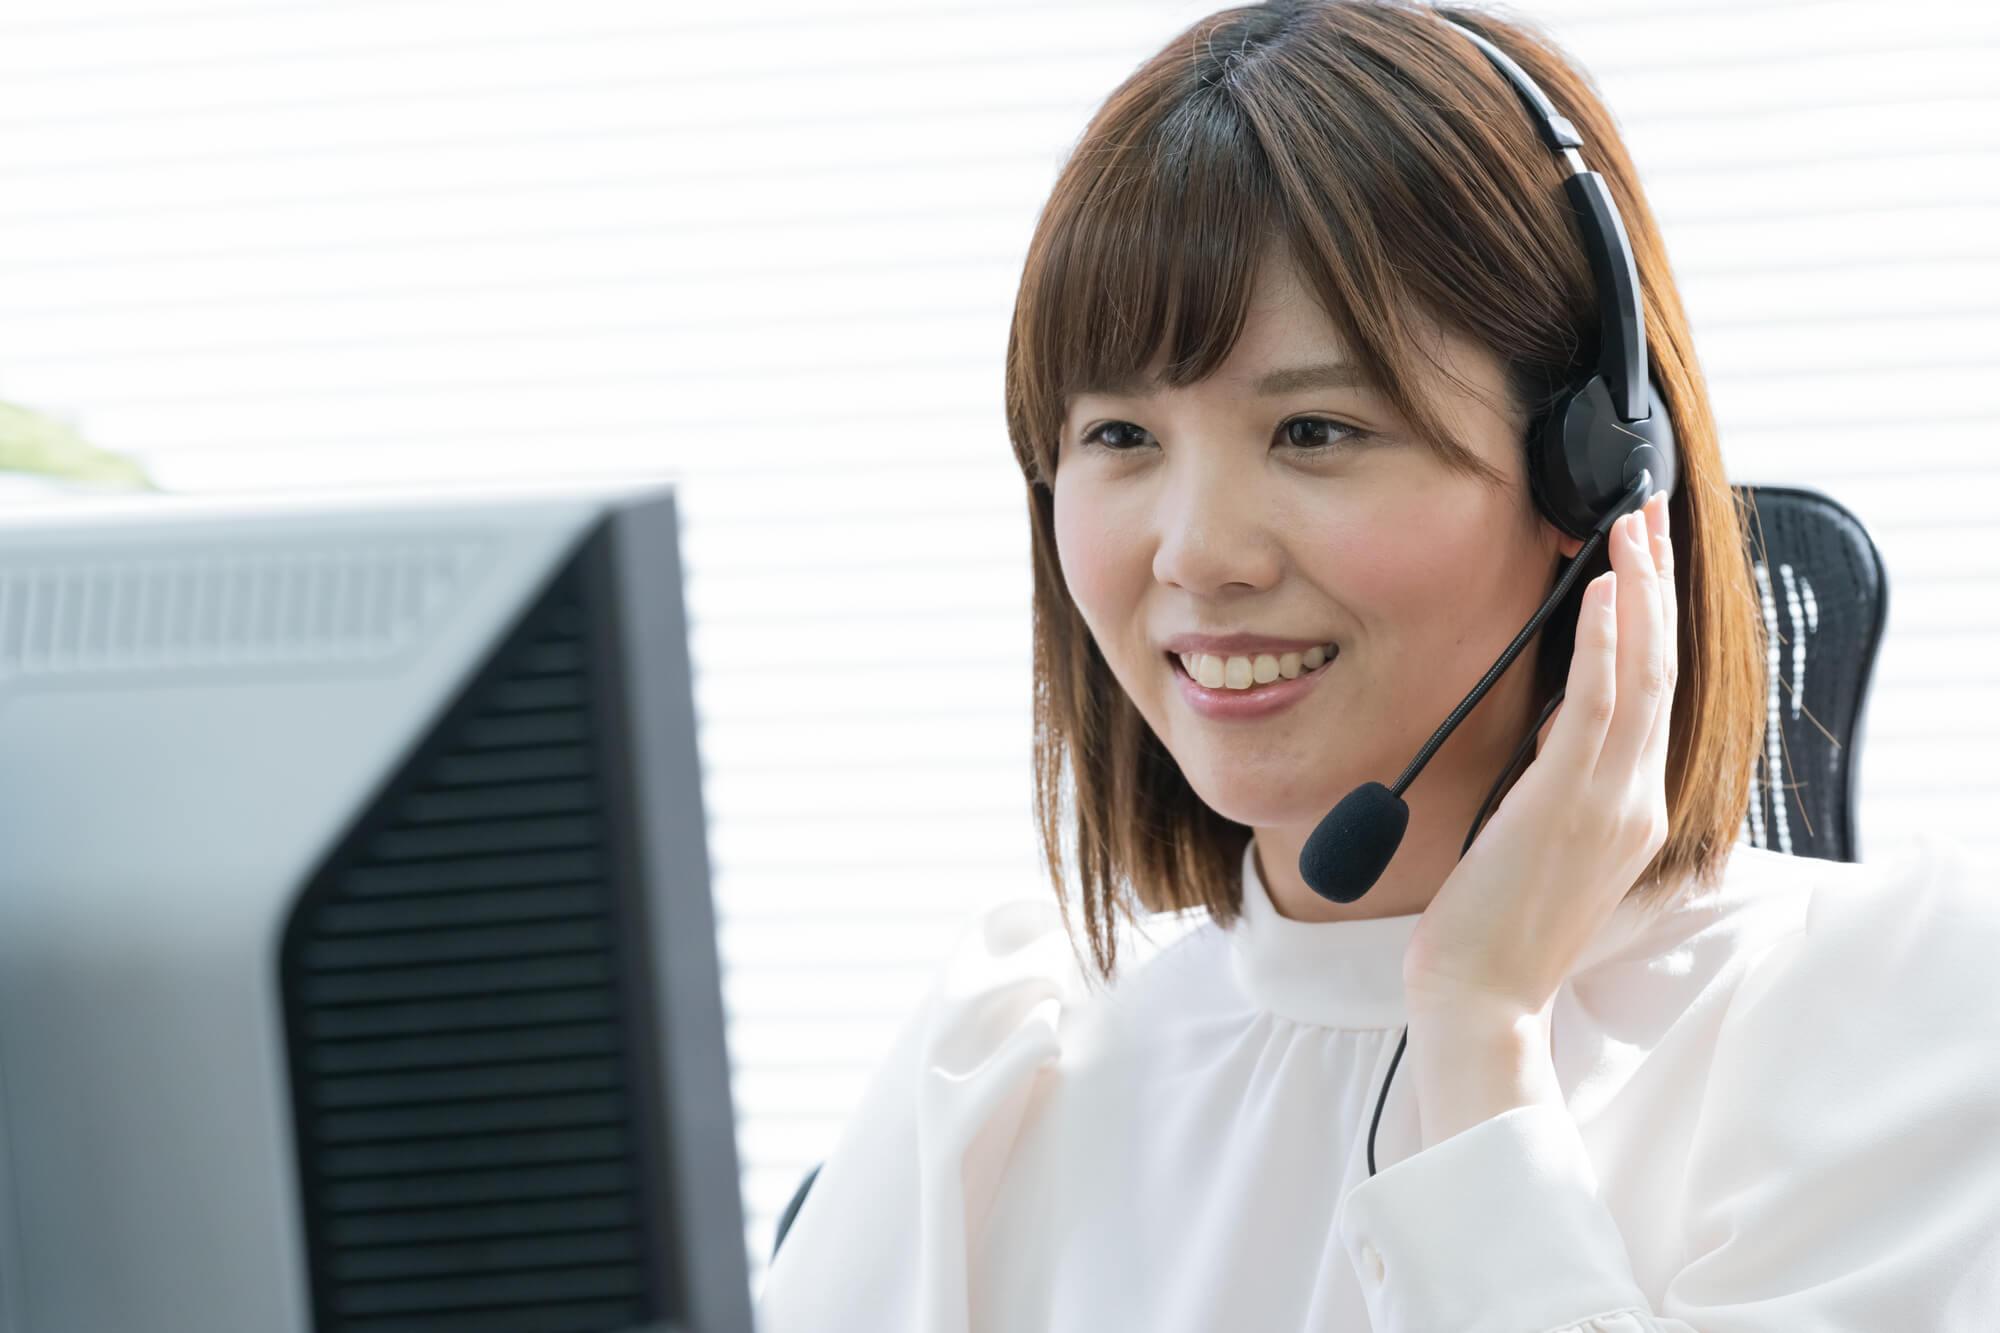 クライアントから電話で話を聞いている女性カウンセラー